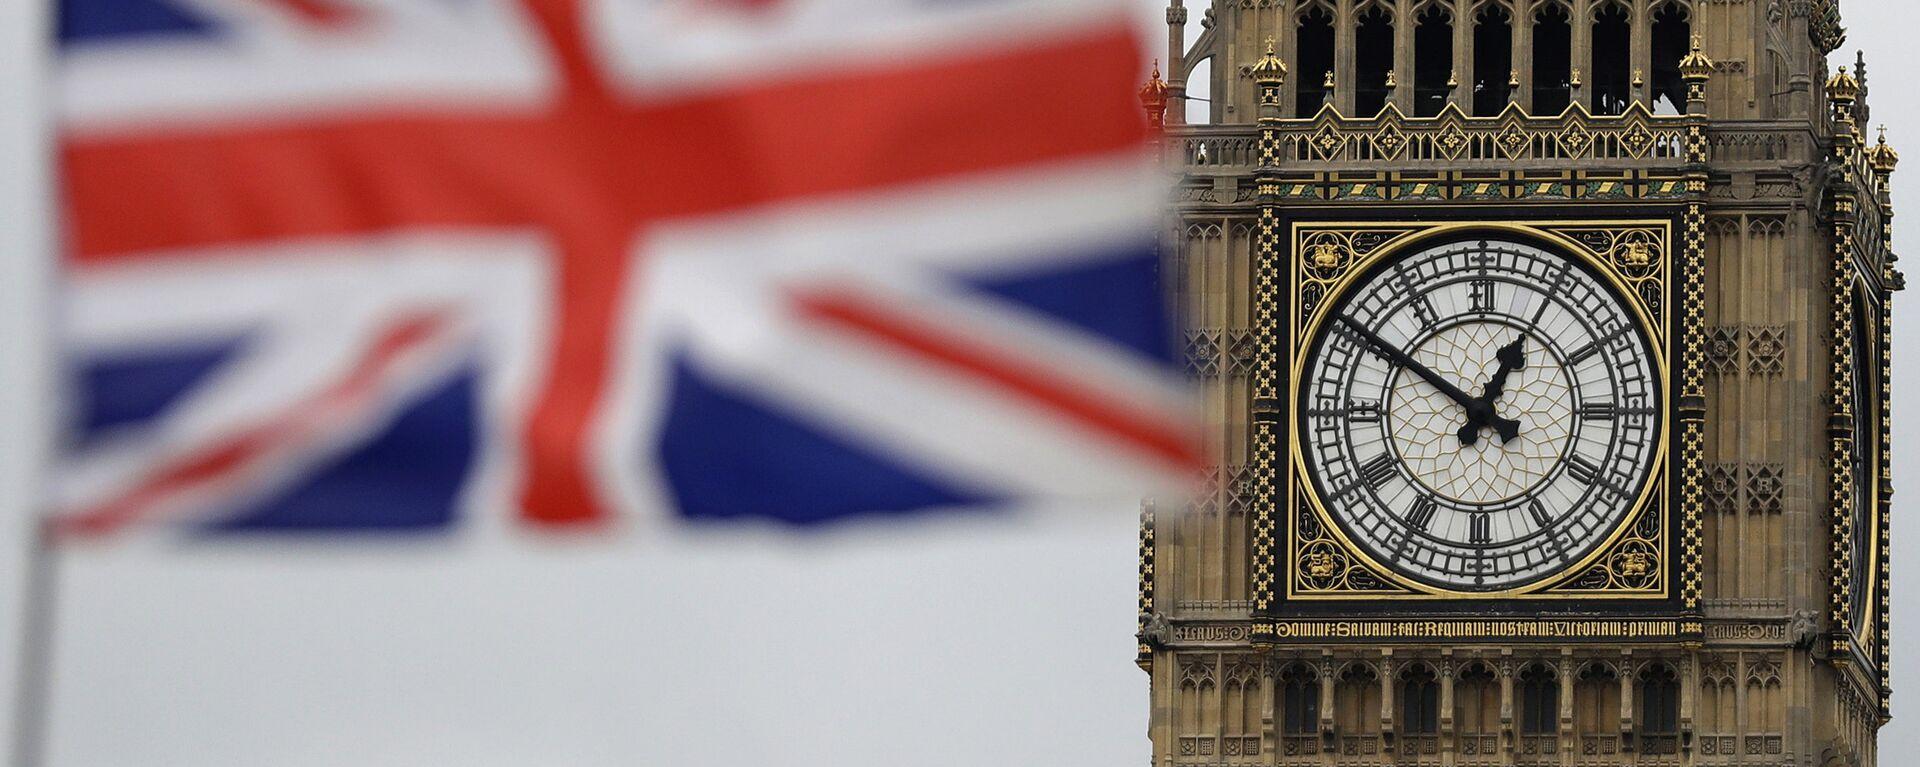 Zastava Velike Britanije ispred Big Bena u Londonu. - Sputnik Srbija, 1920, 14.10.2021